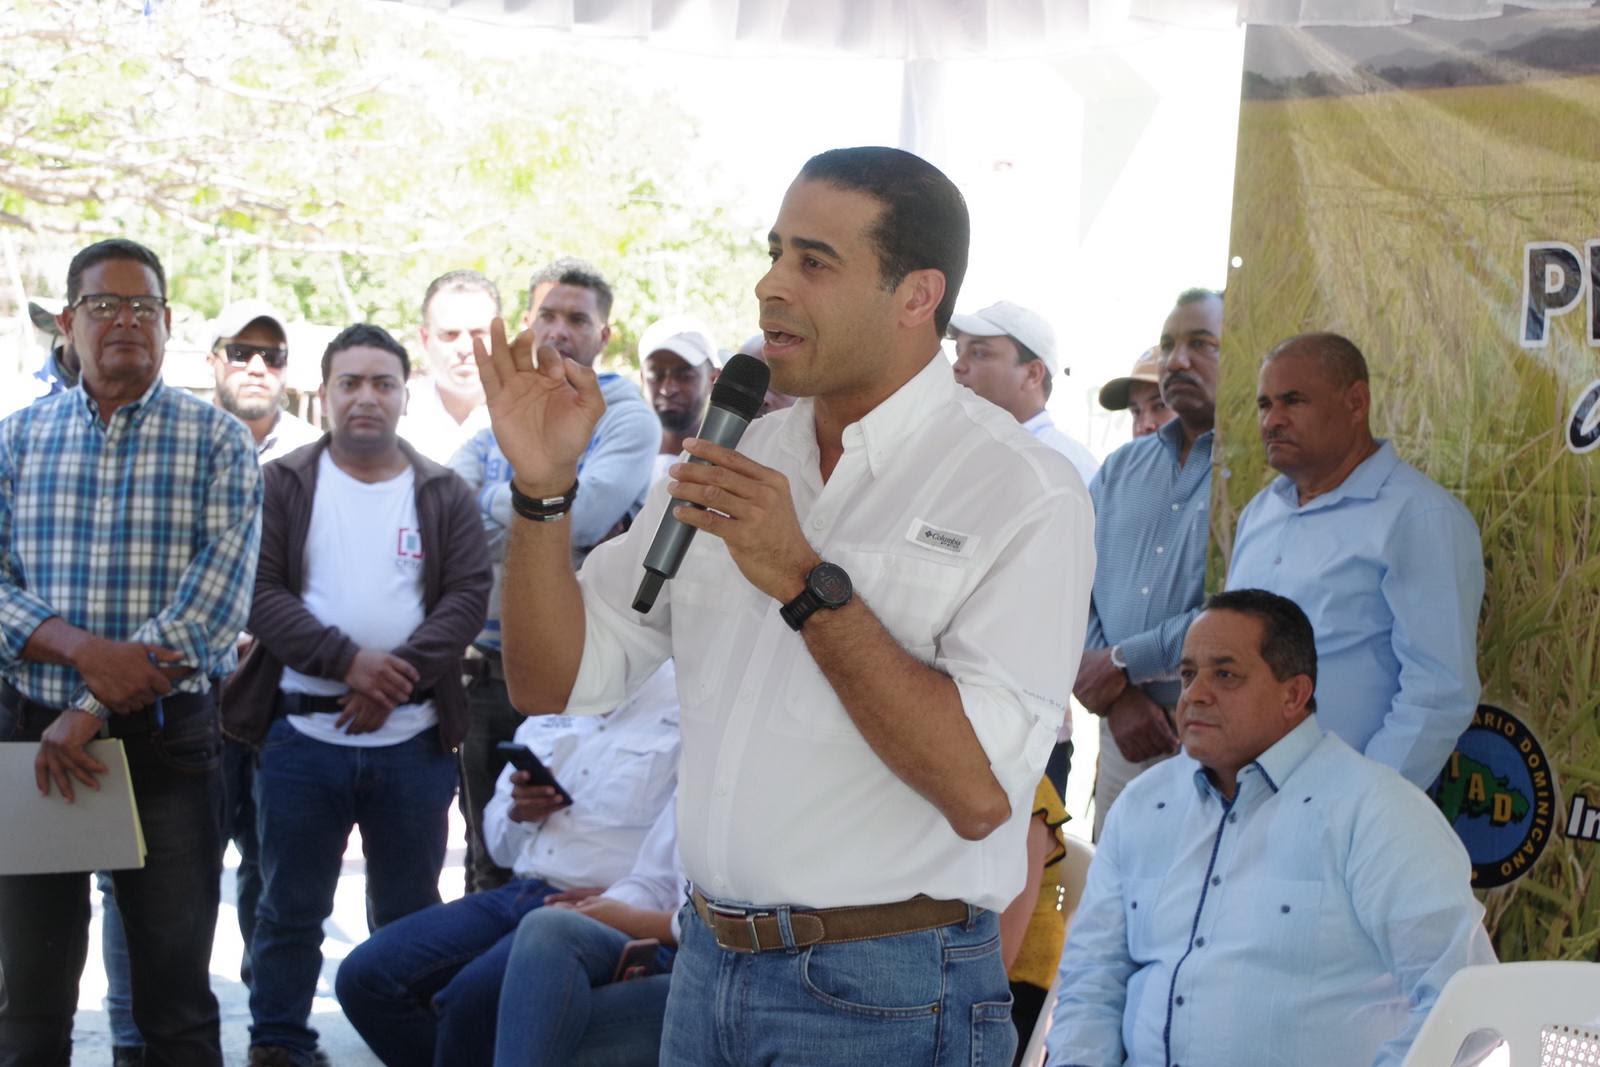 Cumpliendo promesa Visita Sorpresa 181, Gobierno inicia trabajos de titulación en Palmar de Ocoa